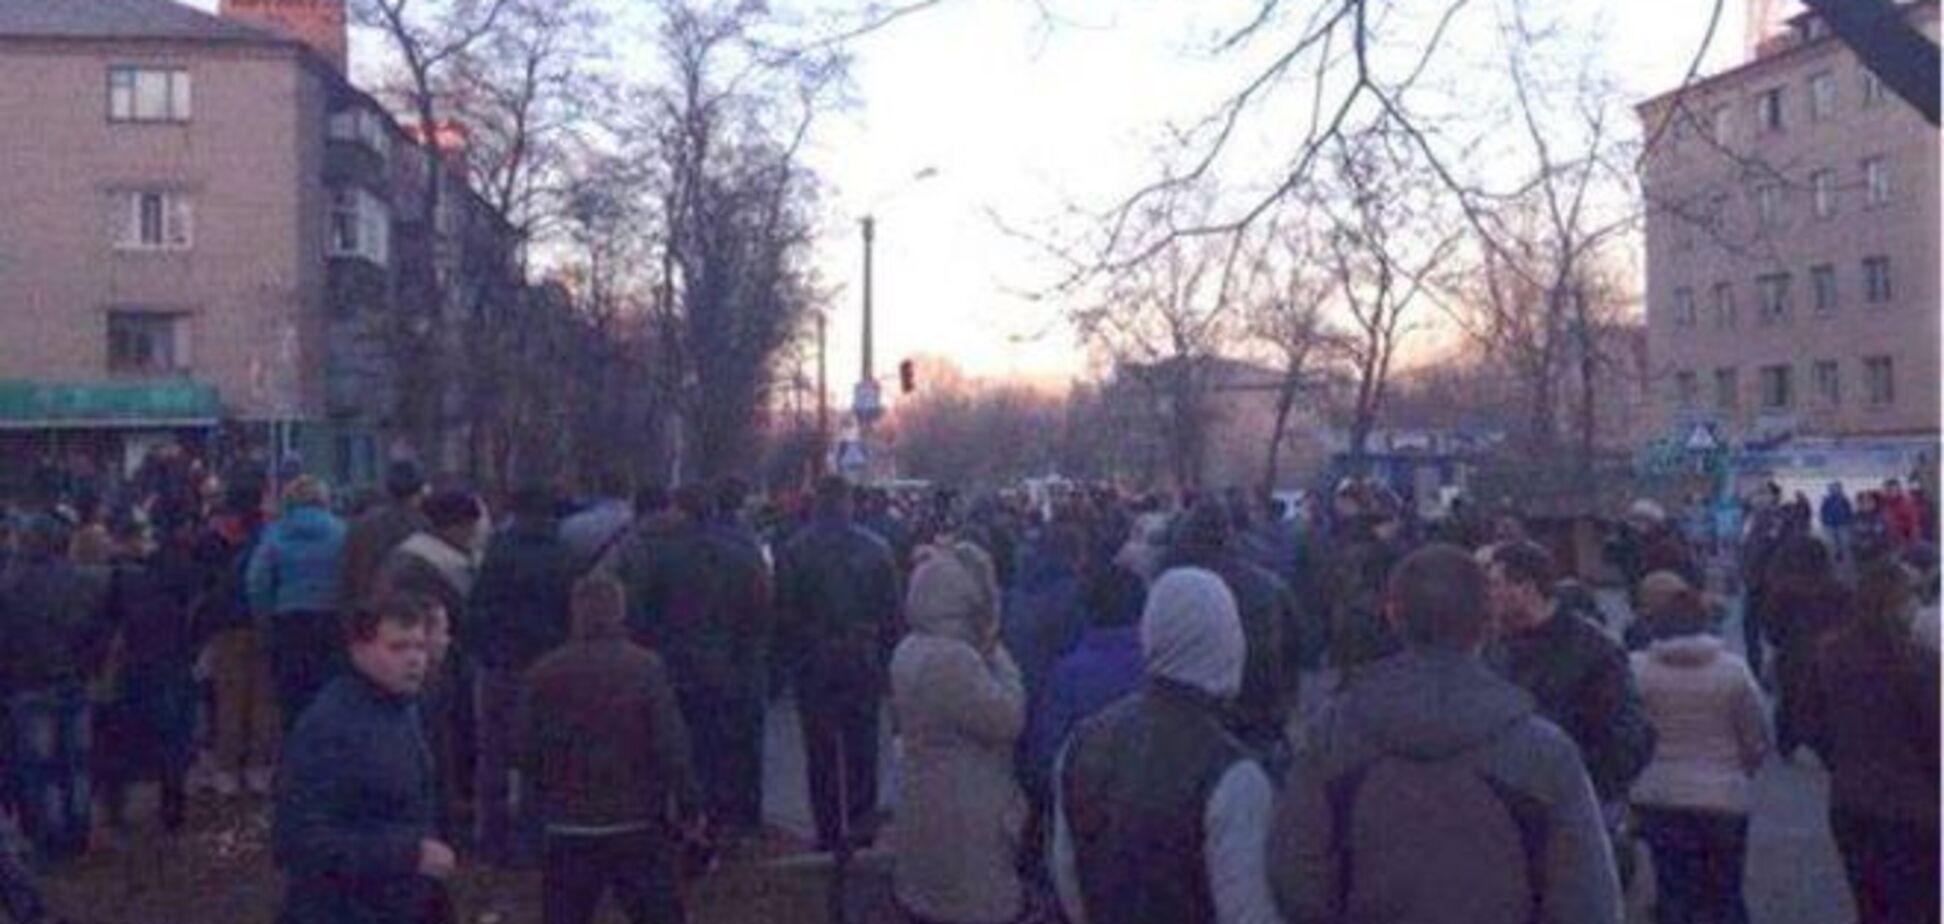 Бунт у Костянтинівці: провокатори намагалися підпалити гуртожиток ВСУ - опубліковані фото і відео